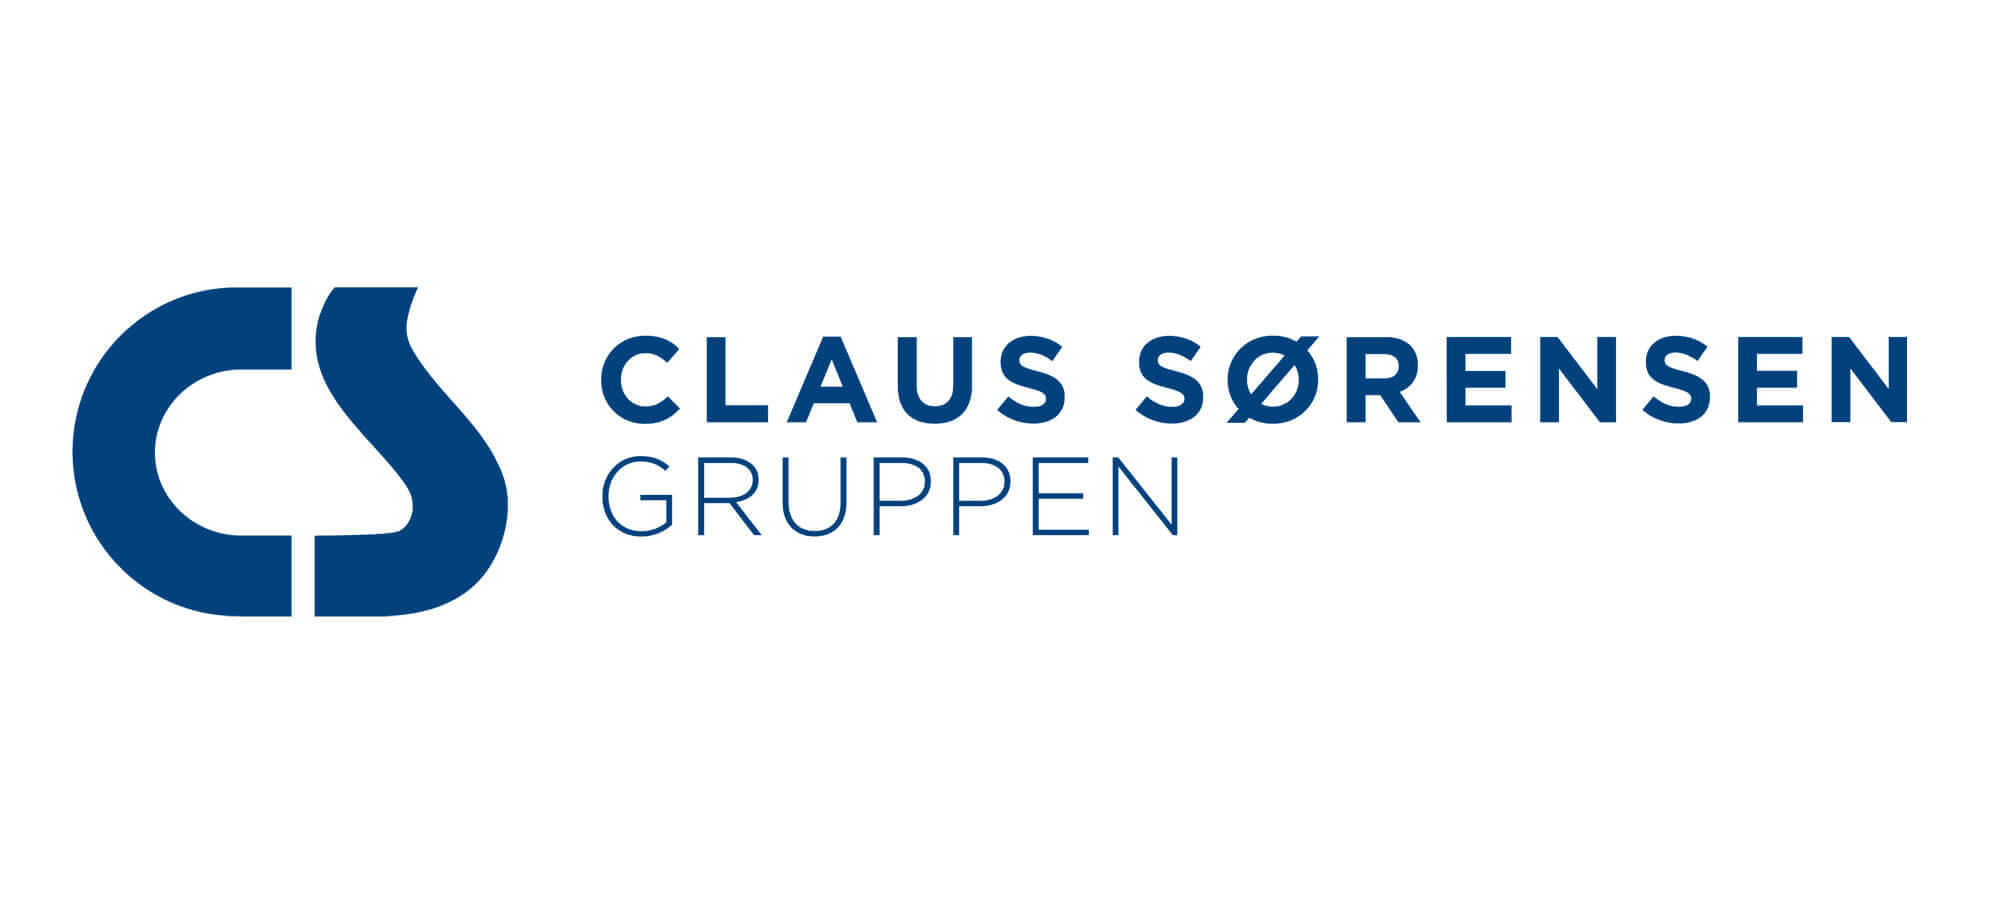 Claus-Sørensen-Gruppen-2-e1562652938646